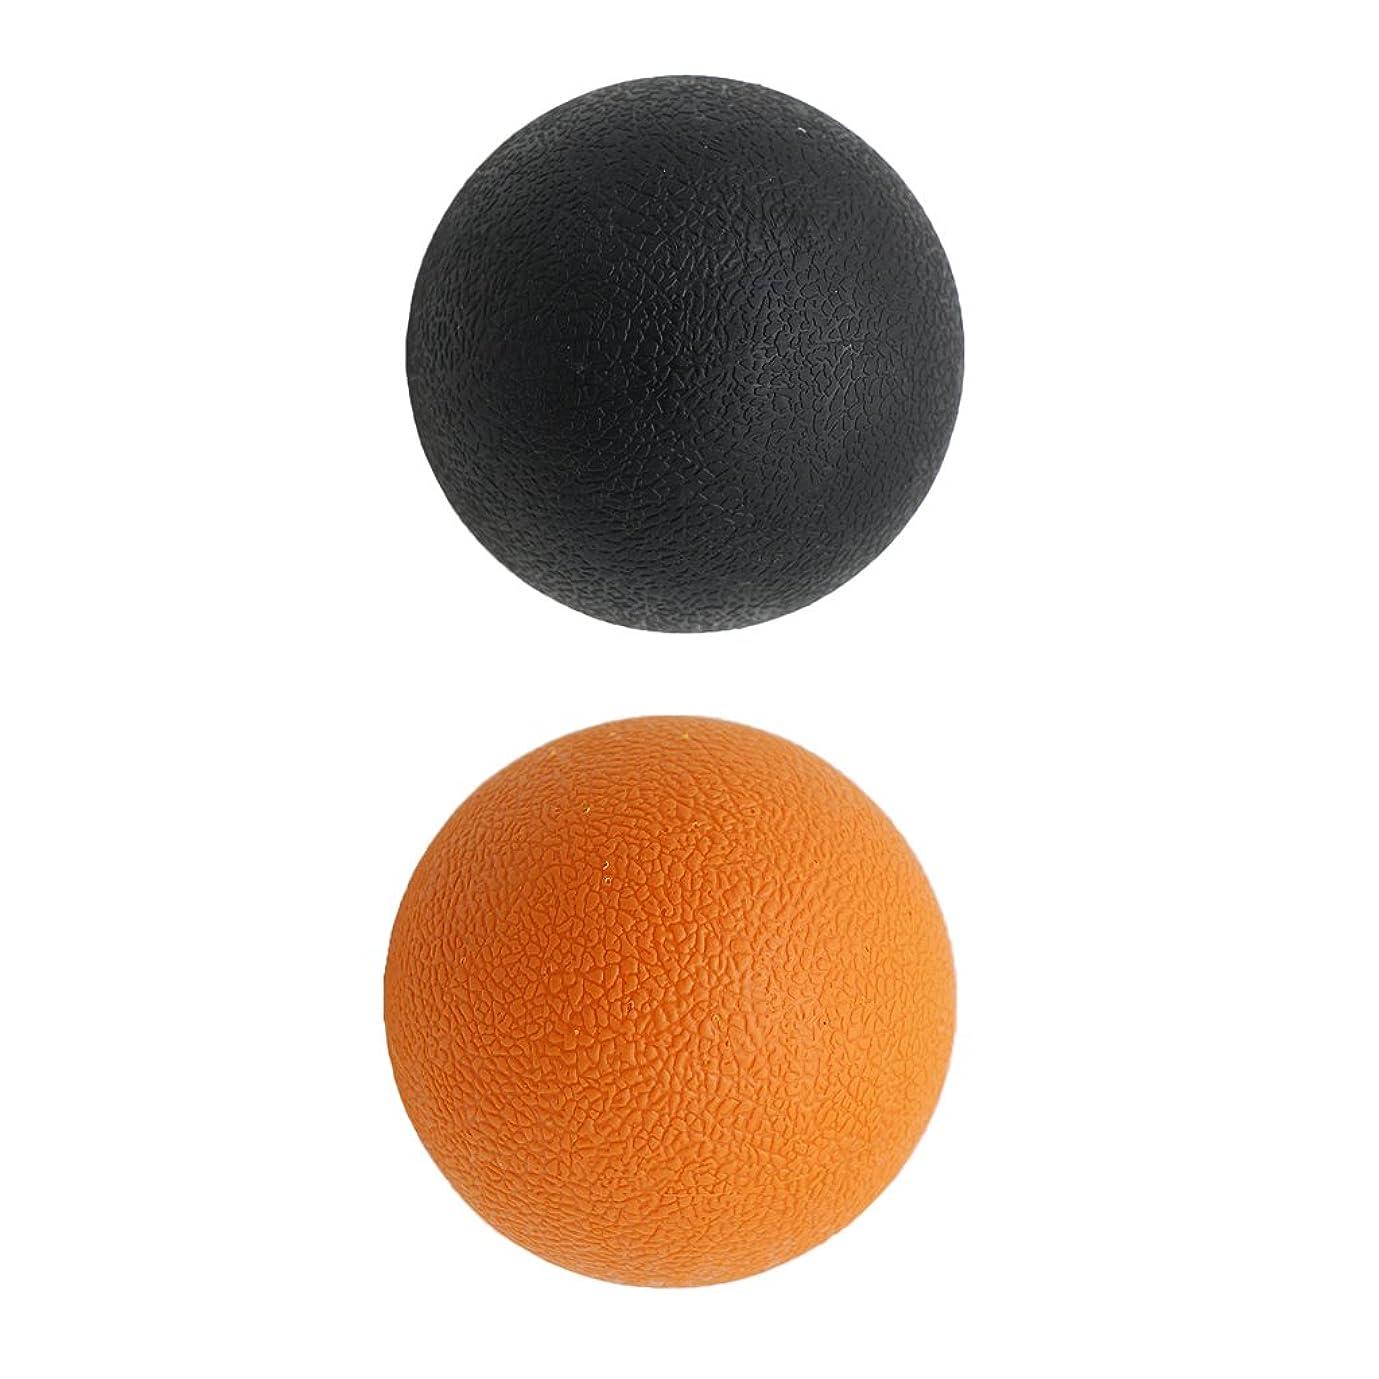 承知しました発表養うKesoto 2個 マッサージボール ラクロスボール 背部 トリガ ポイント マッサージ 多色選べる - オレンジブラック